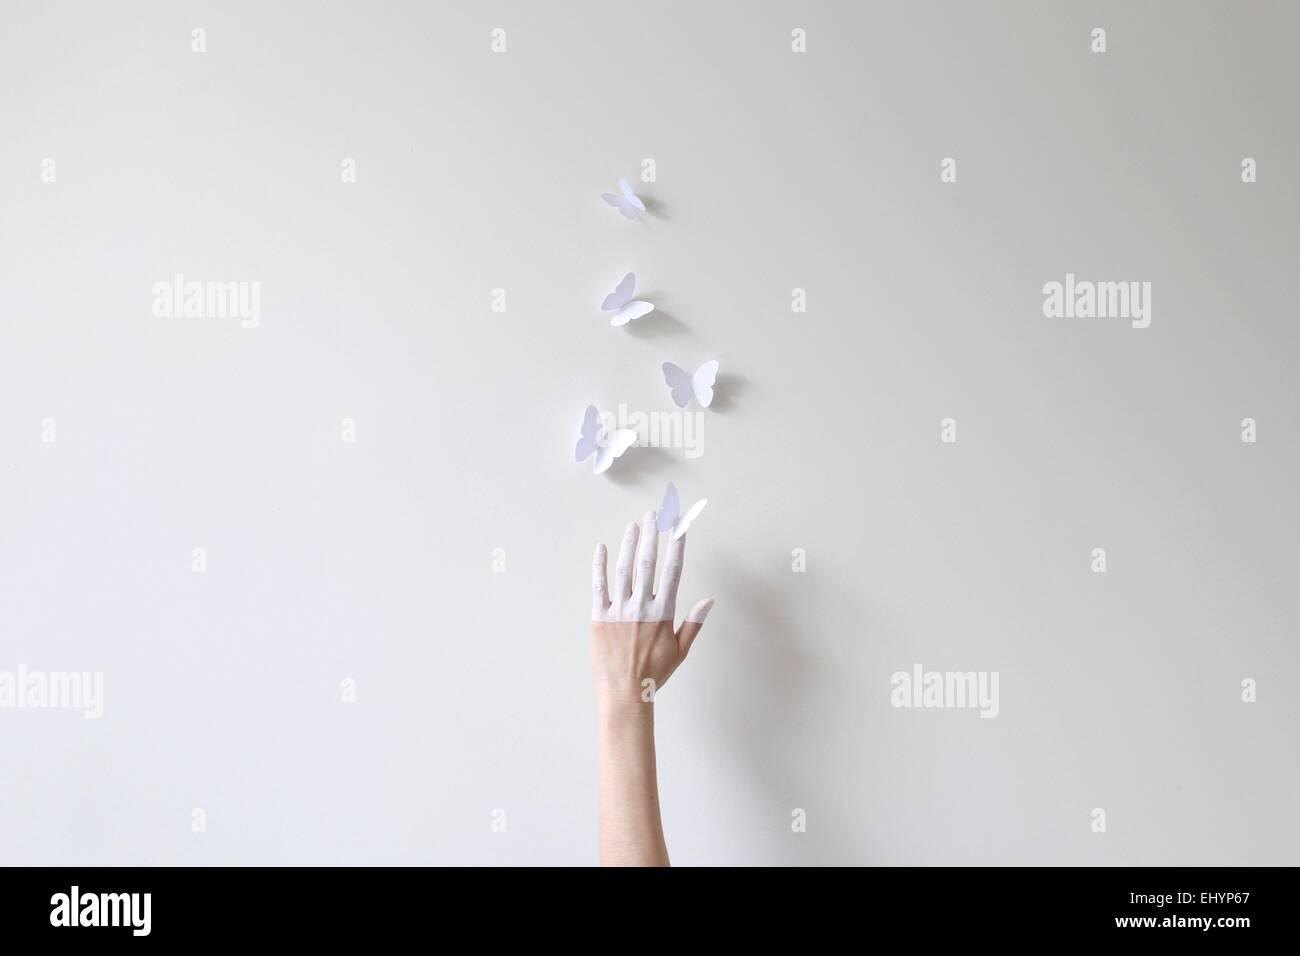 Eine Hand, die Hälfte in weißen Griff nach Papier Schmetterlinge gegen die weiße Wand gemalt Stockbild